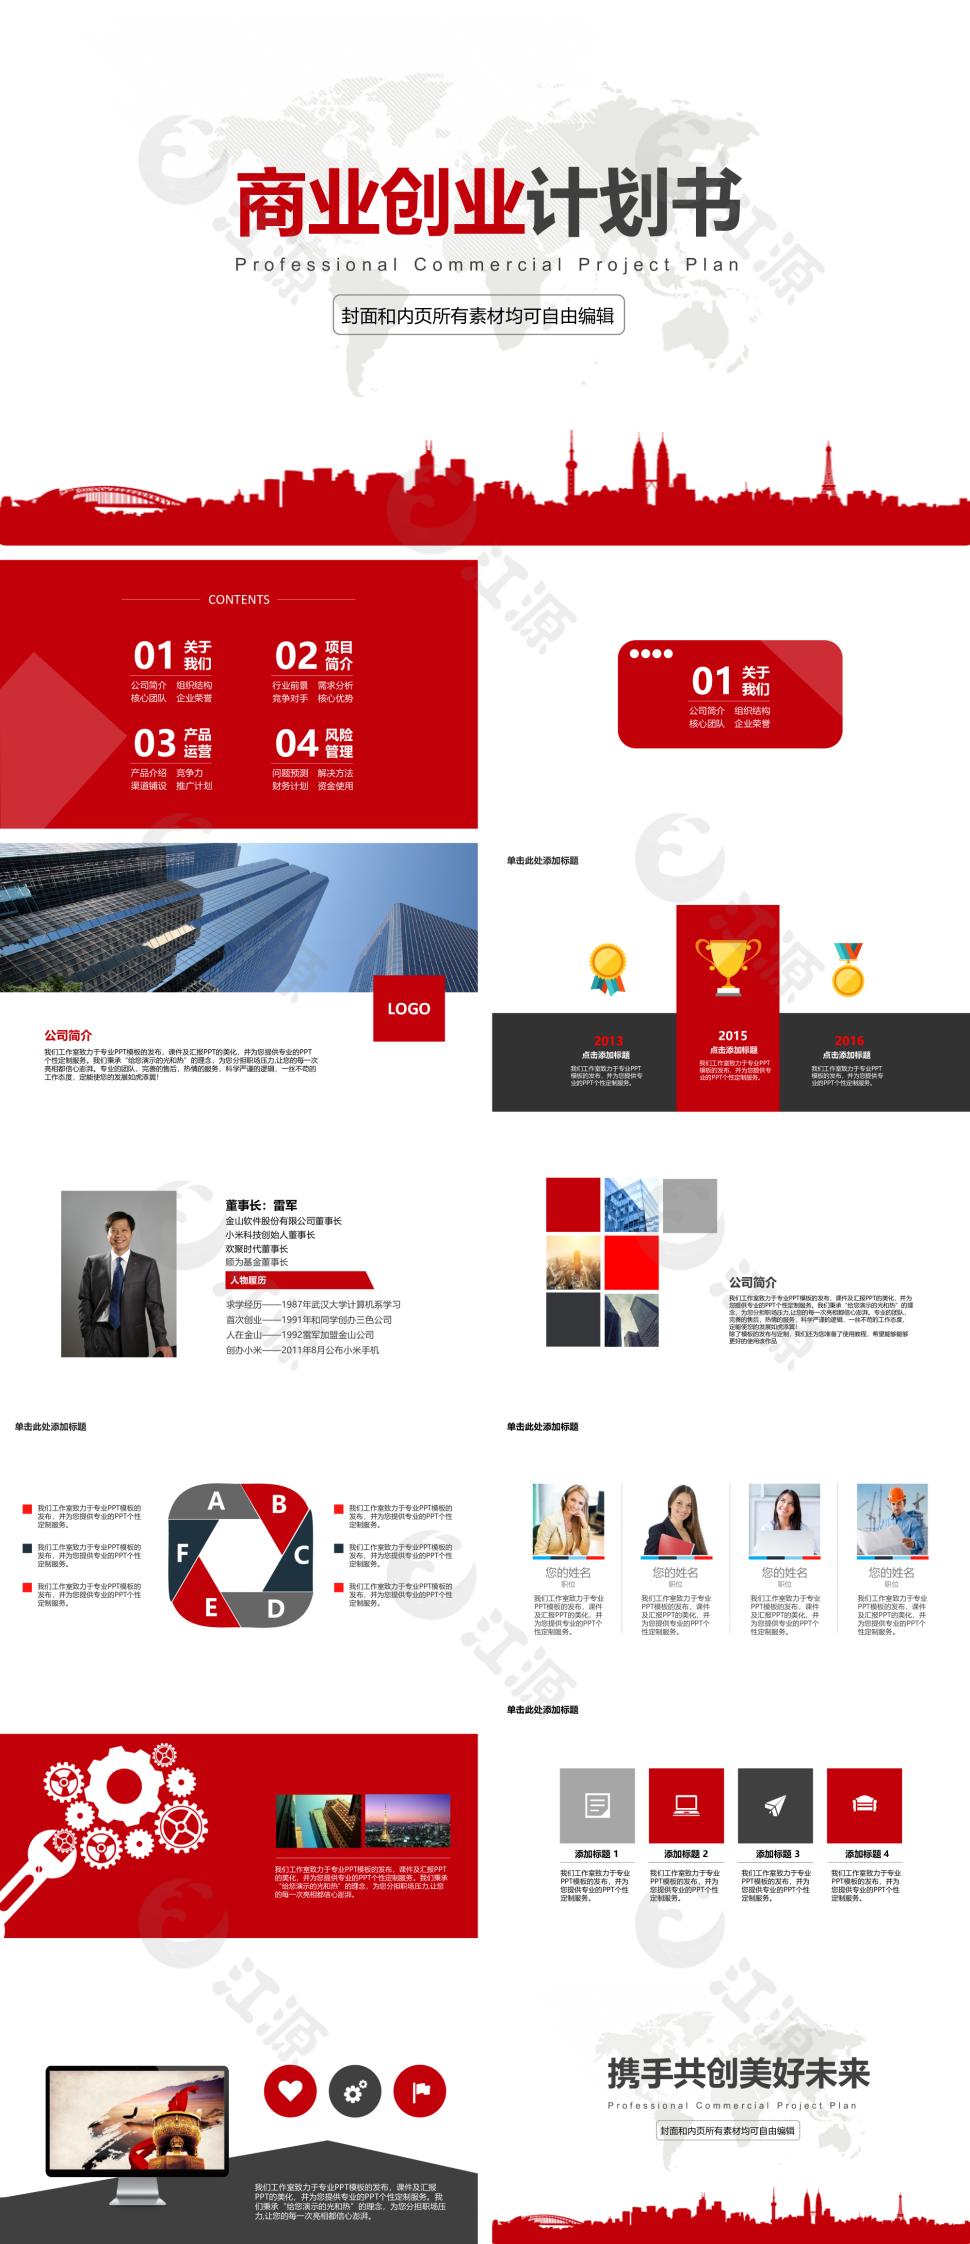 红色扁平化商业创业PPT模板